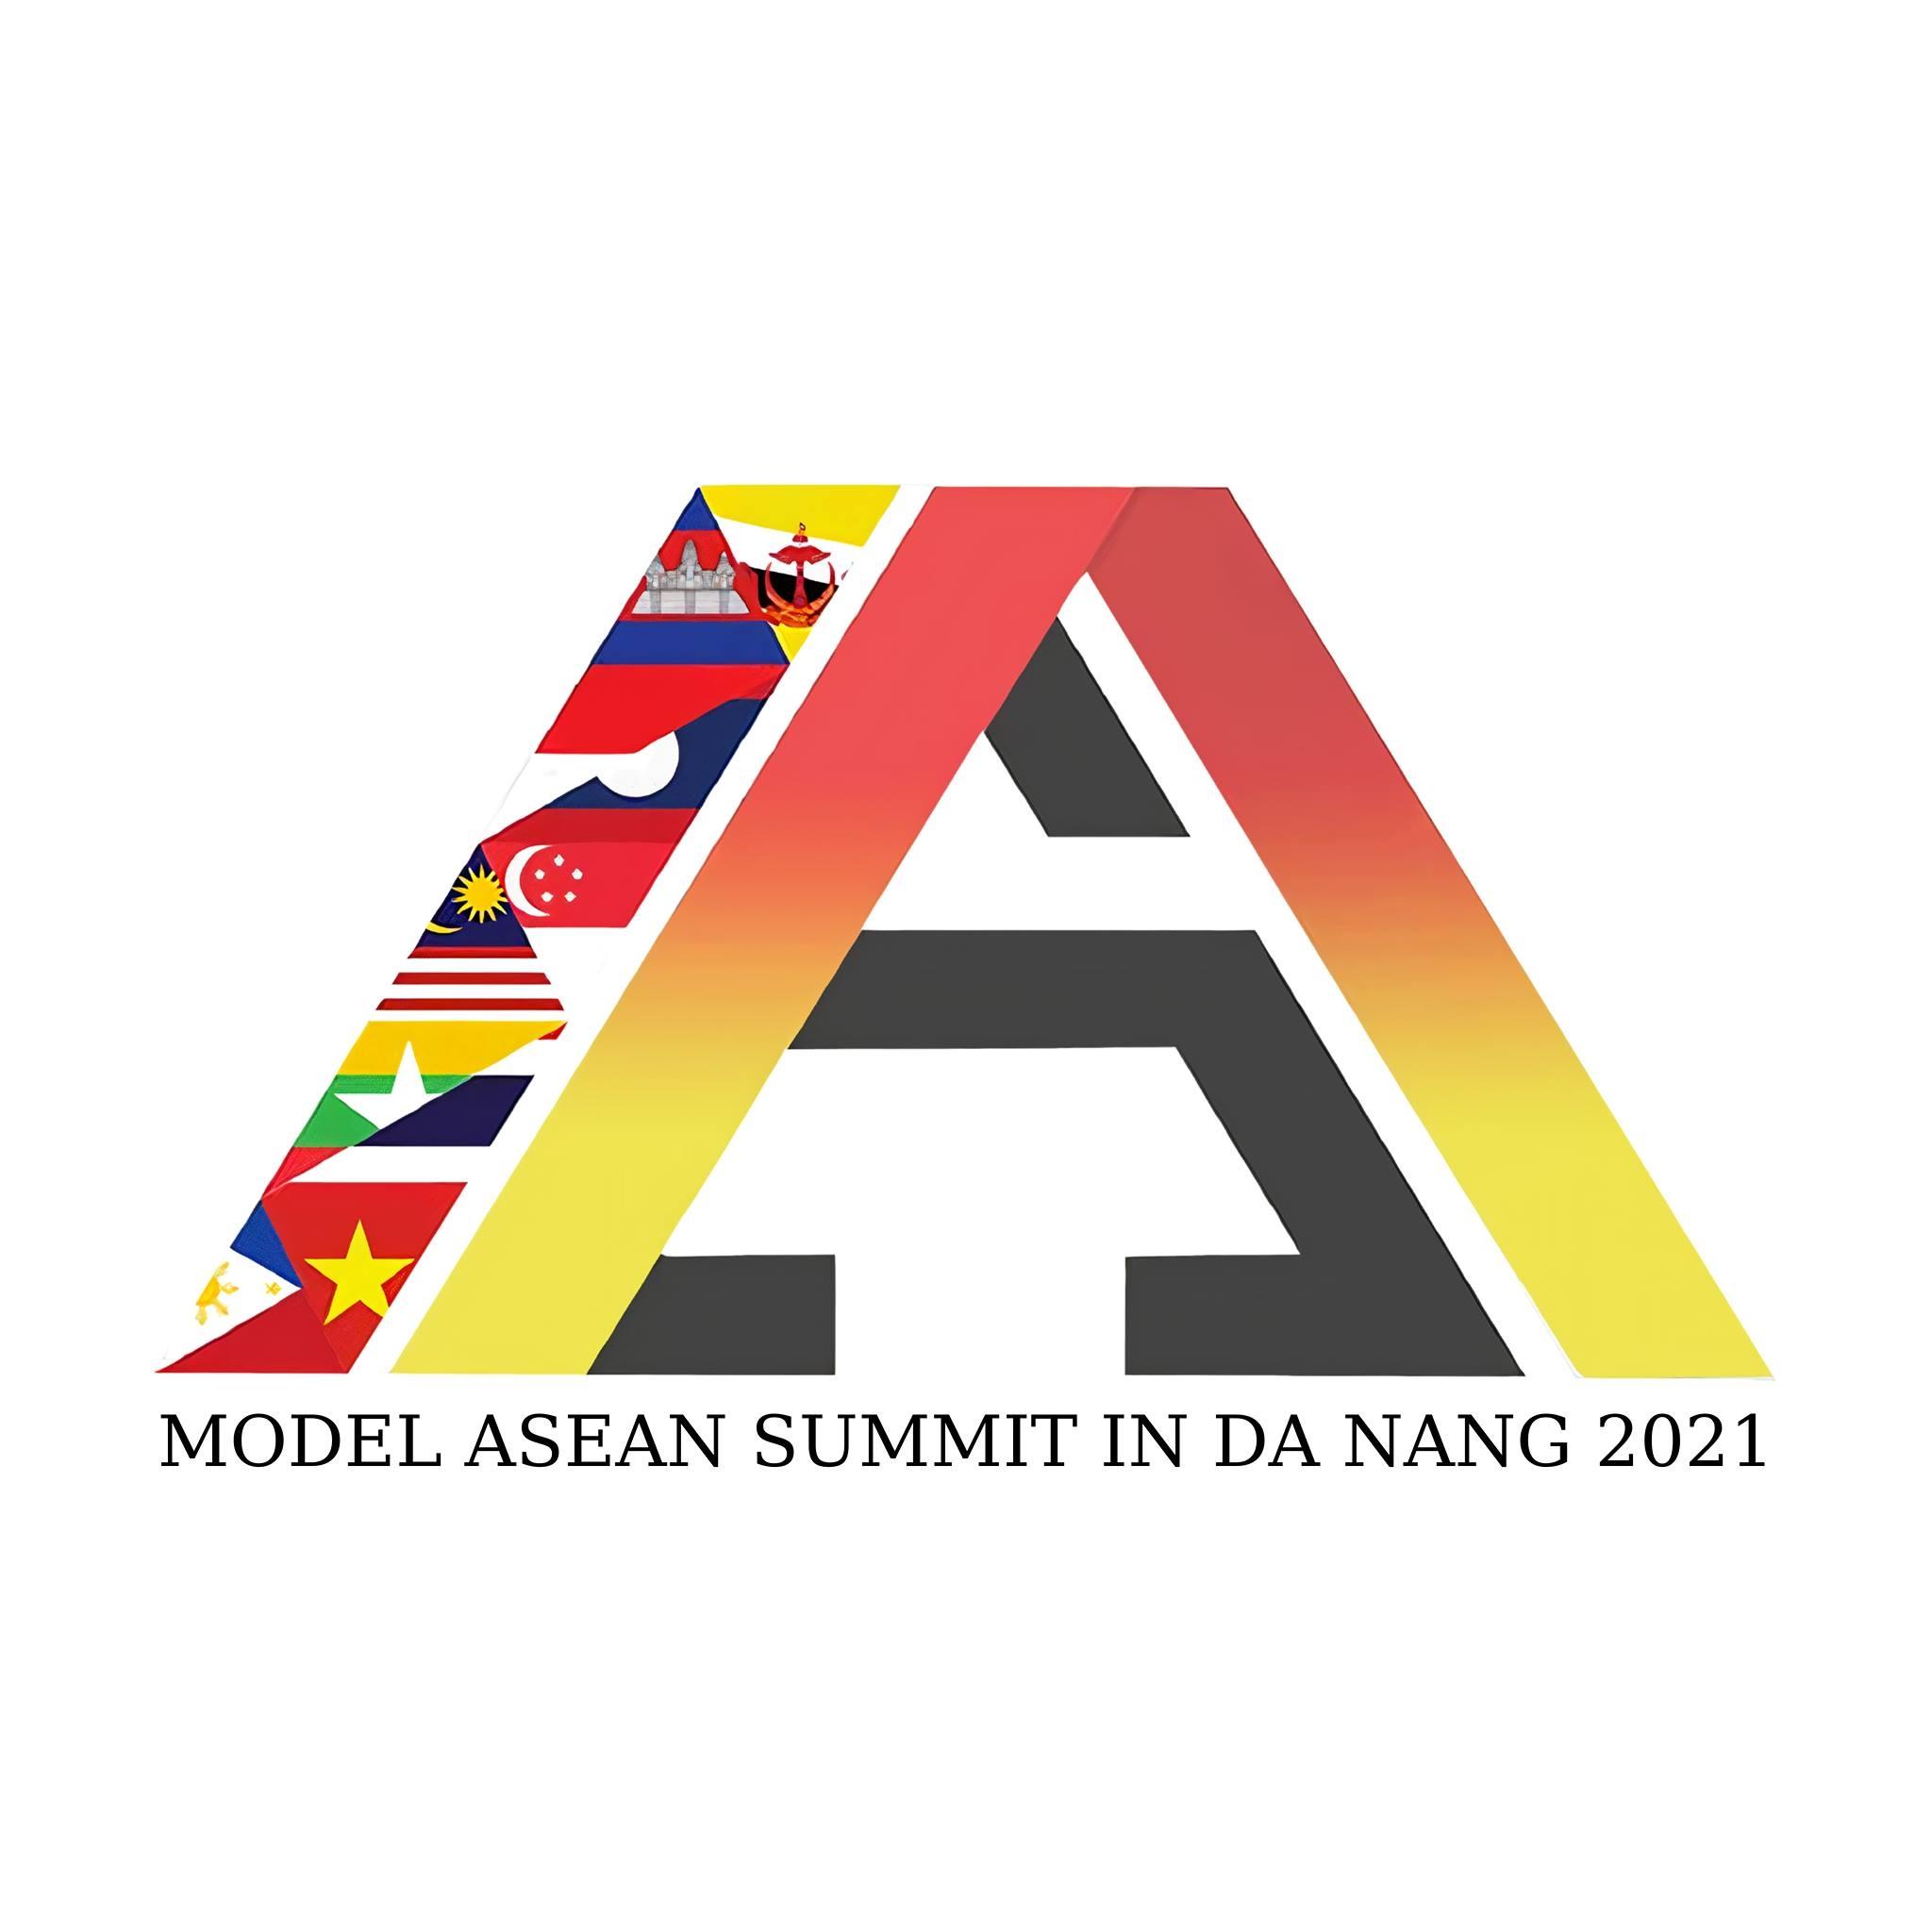 THÔNG BÁO MỞ ĐƠN TUYỂN ĐẠI BIỂU CHÍNH THỨC CHO CHƯƠNG TRÌNH MÔ PHỎNG HỘI NGHỊ CẤP CAO ASEAN TẠI ĐÀ NẴNG 2021